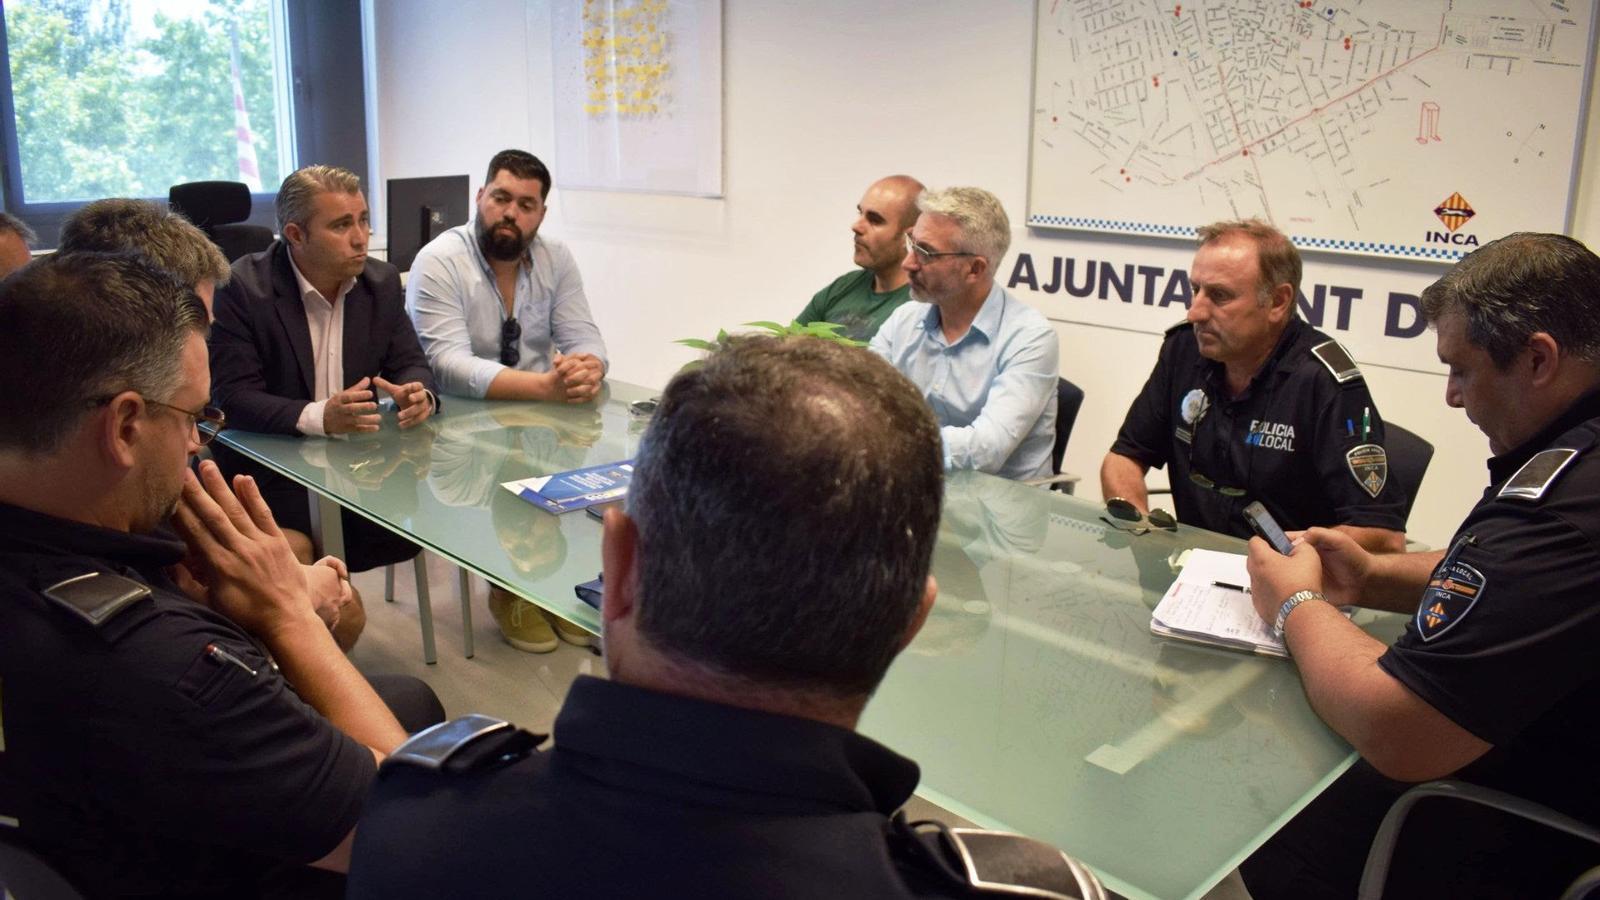 Reunió del batle amb membres del departament de Policia.